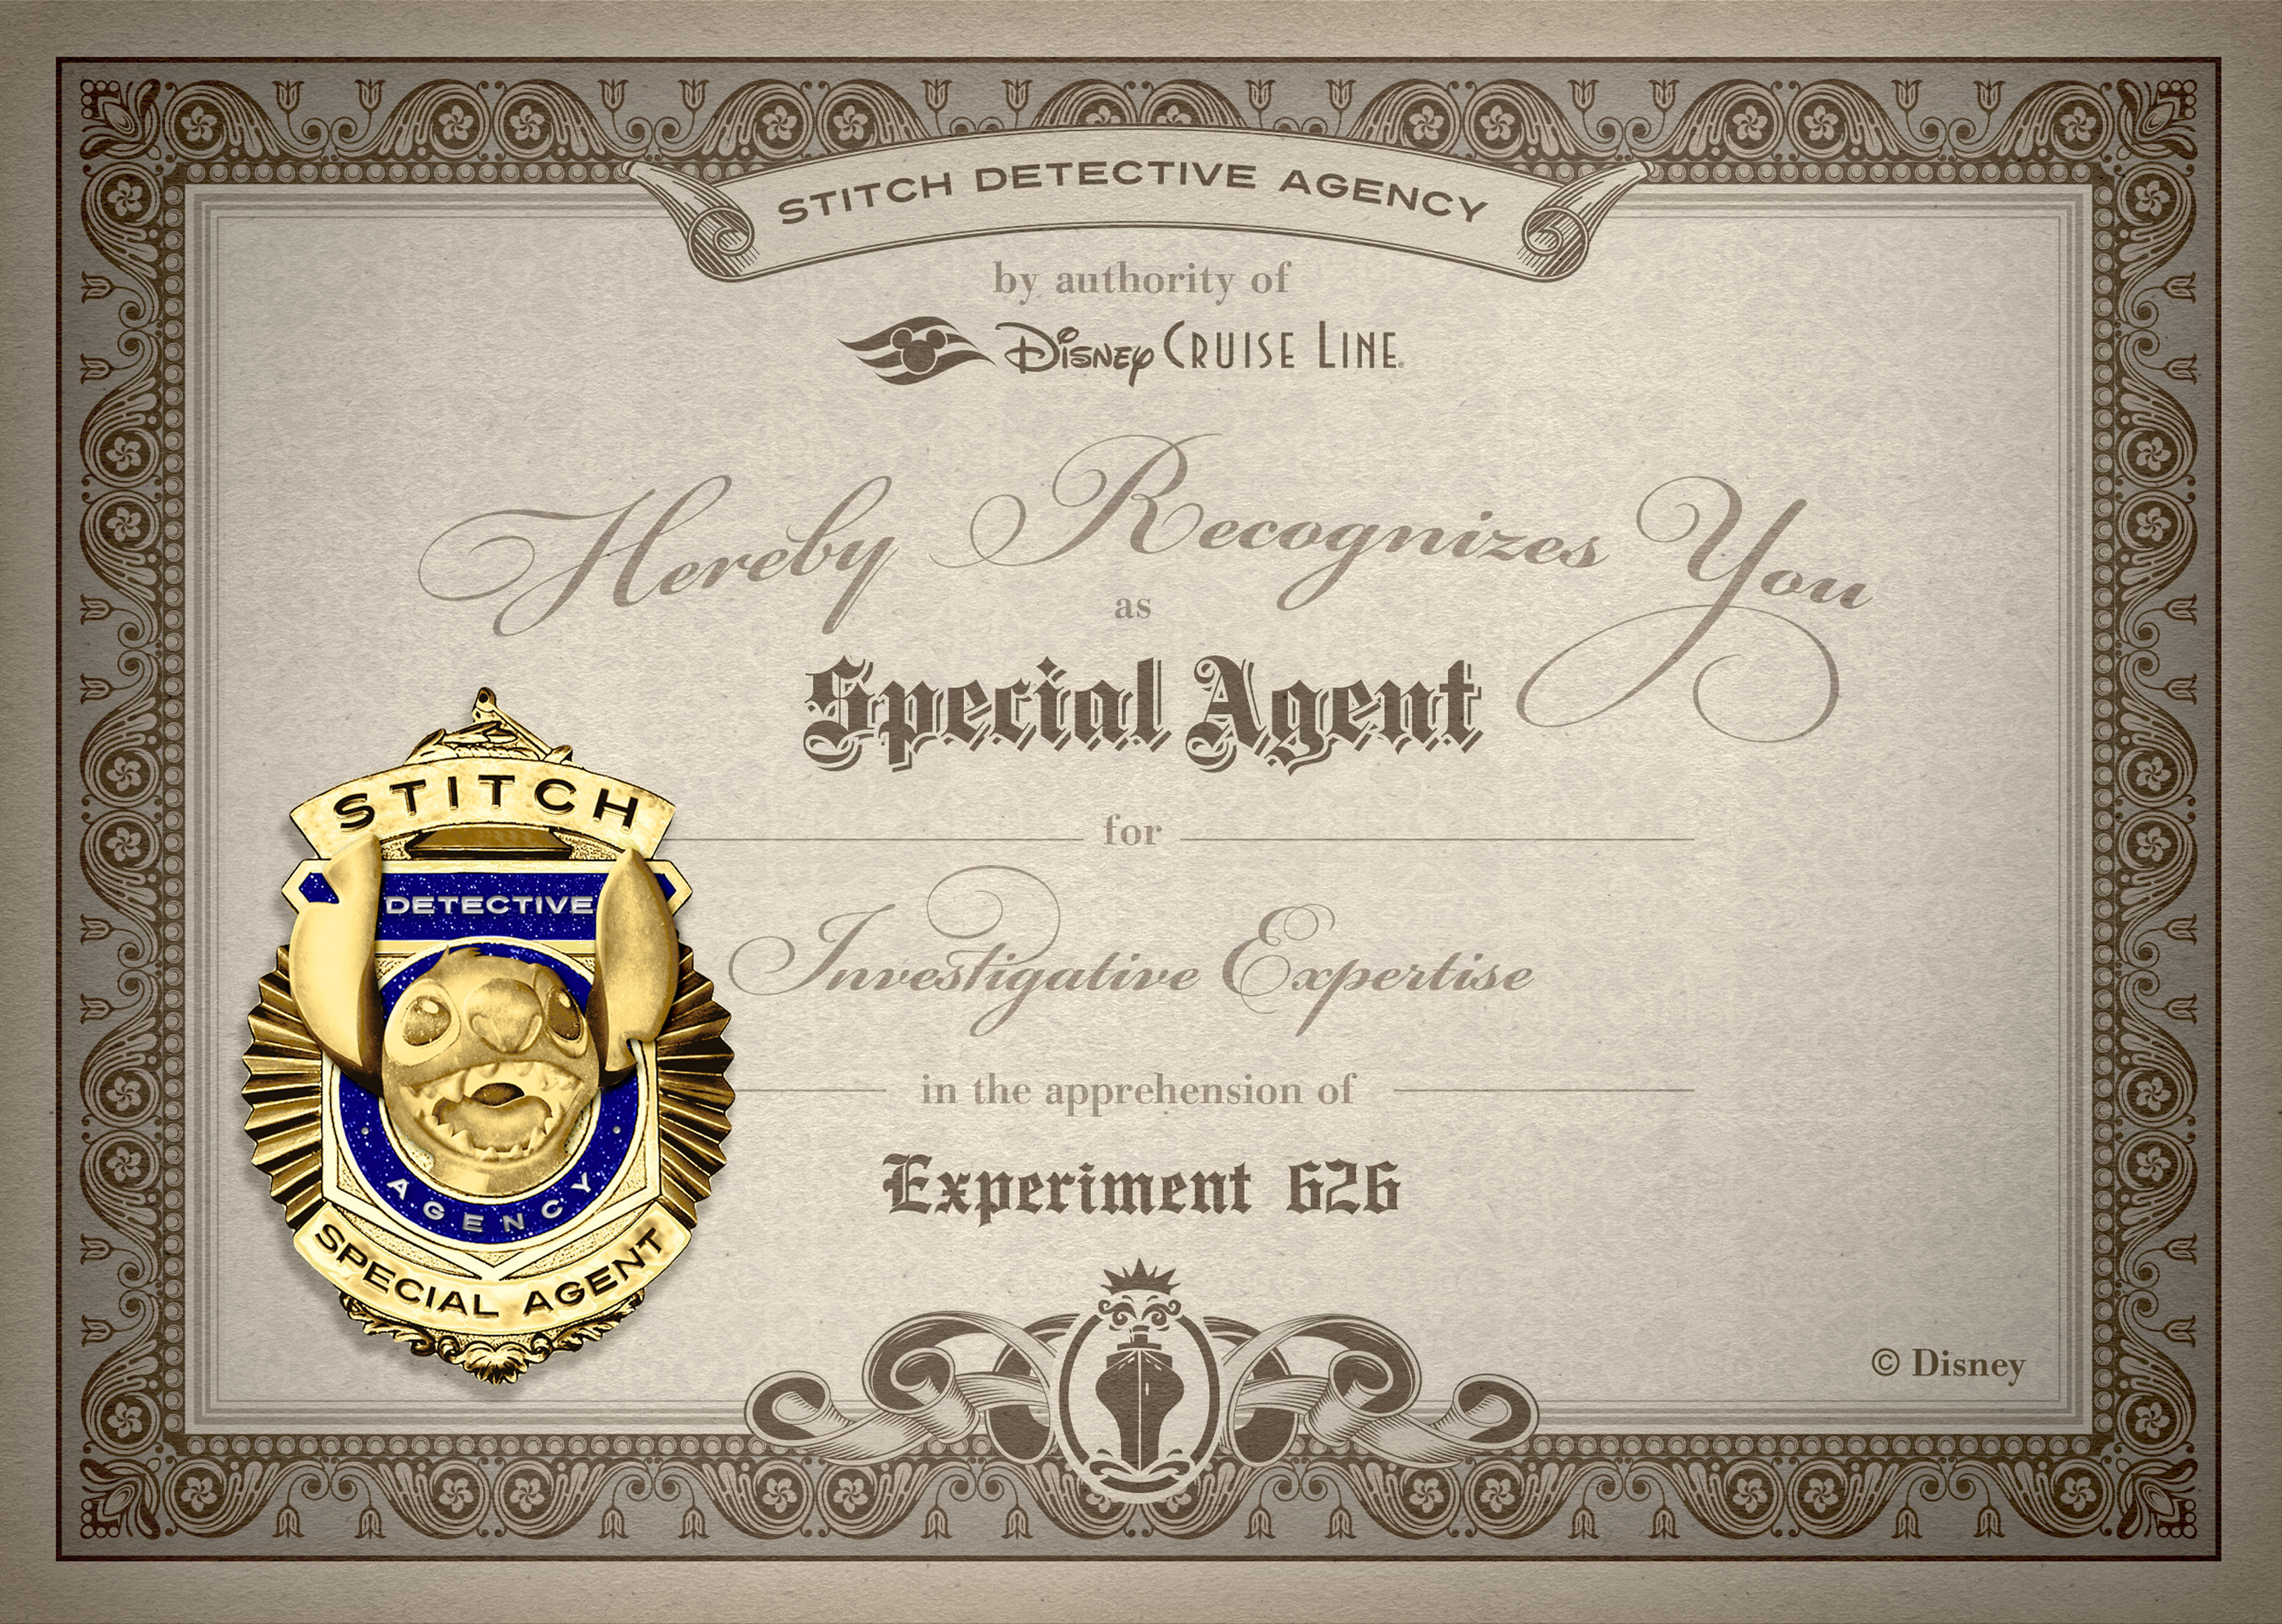 Catch Stitch Badge Certificate